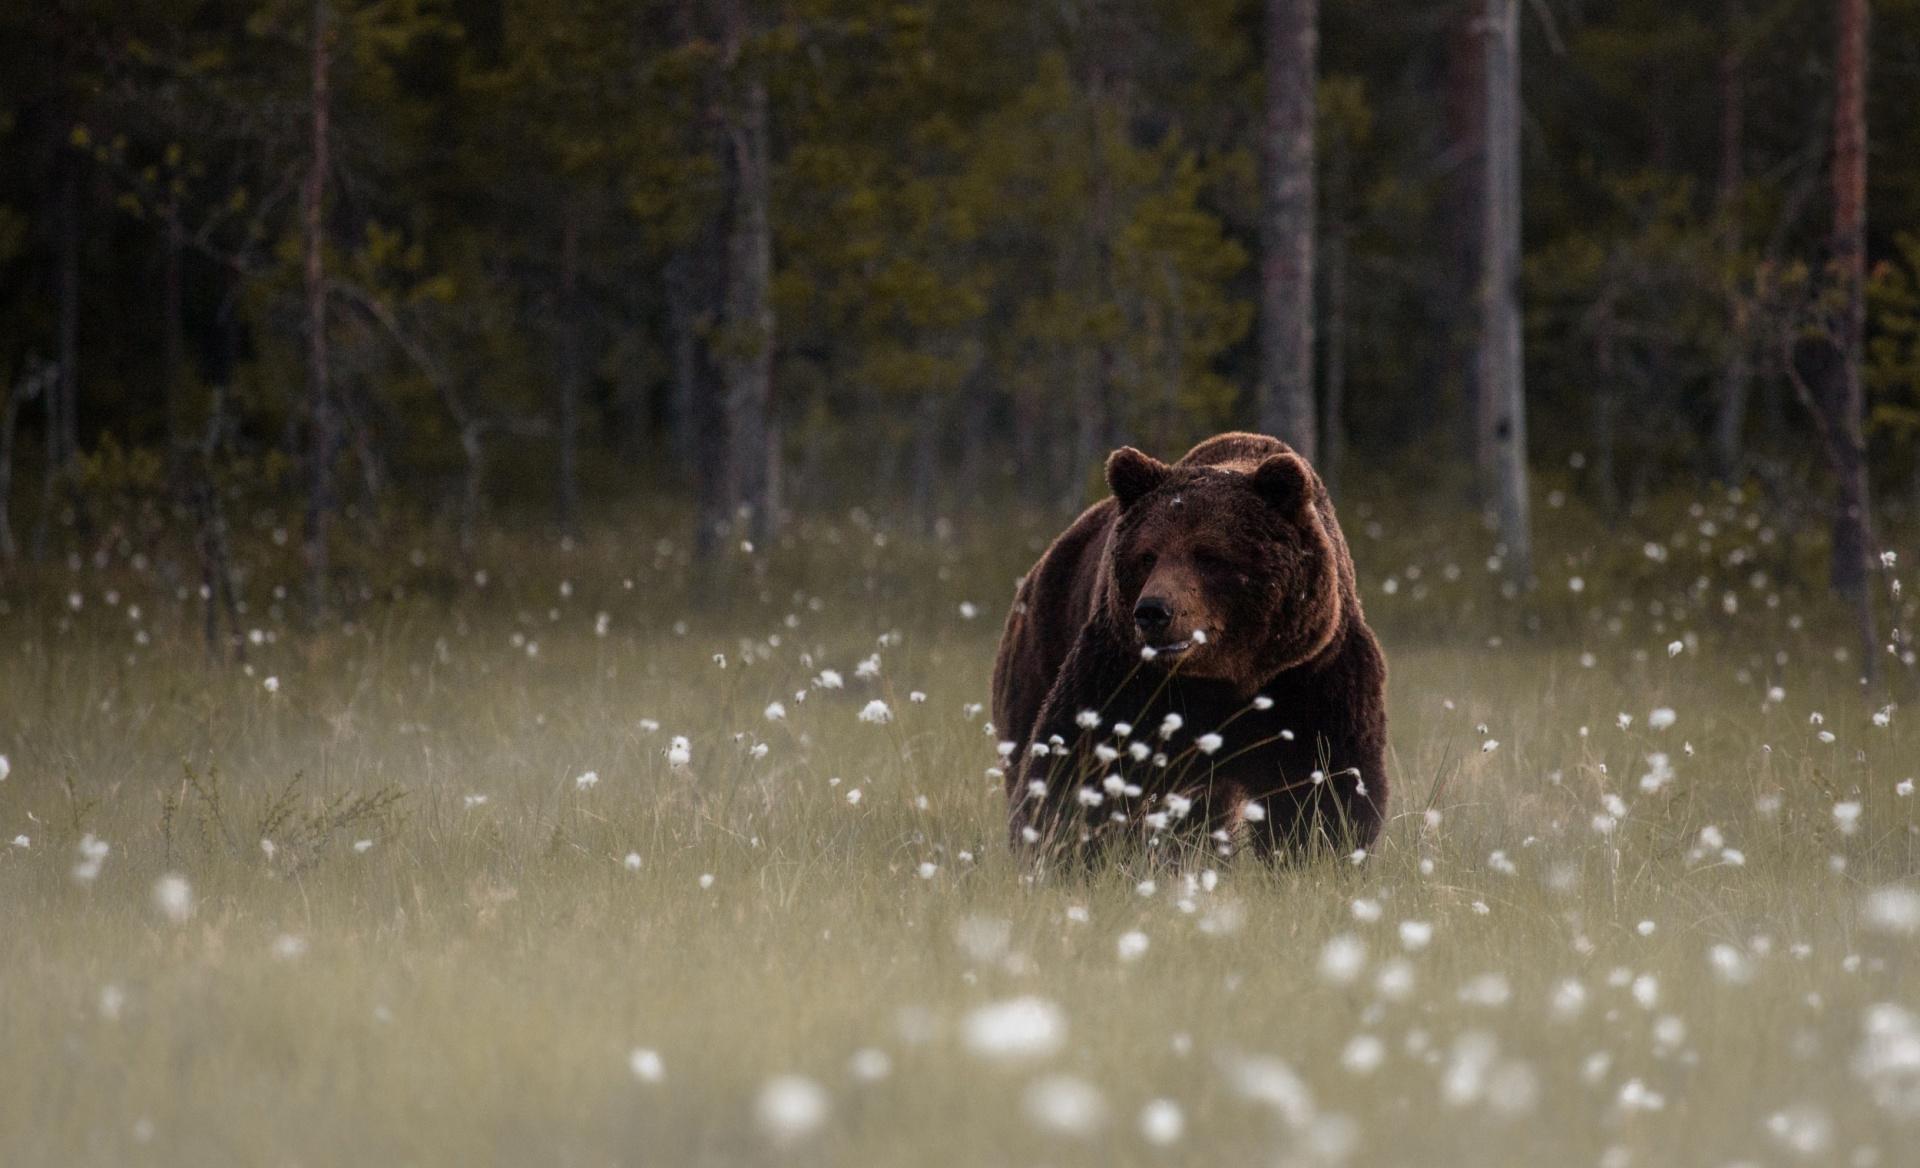 Fall Hd Wallpapers 1080p Free Hd Bear Wallpapers Pixelstalk Net